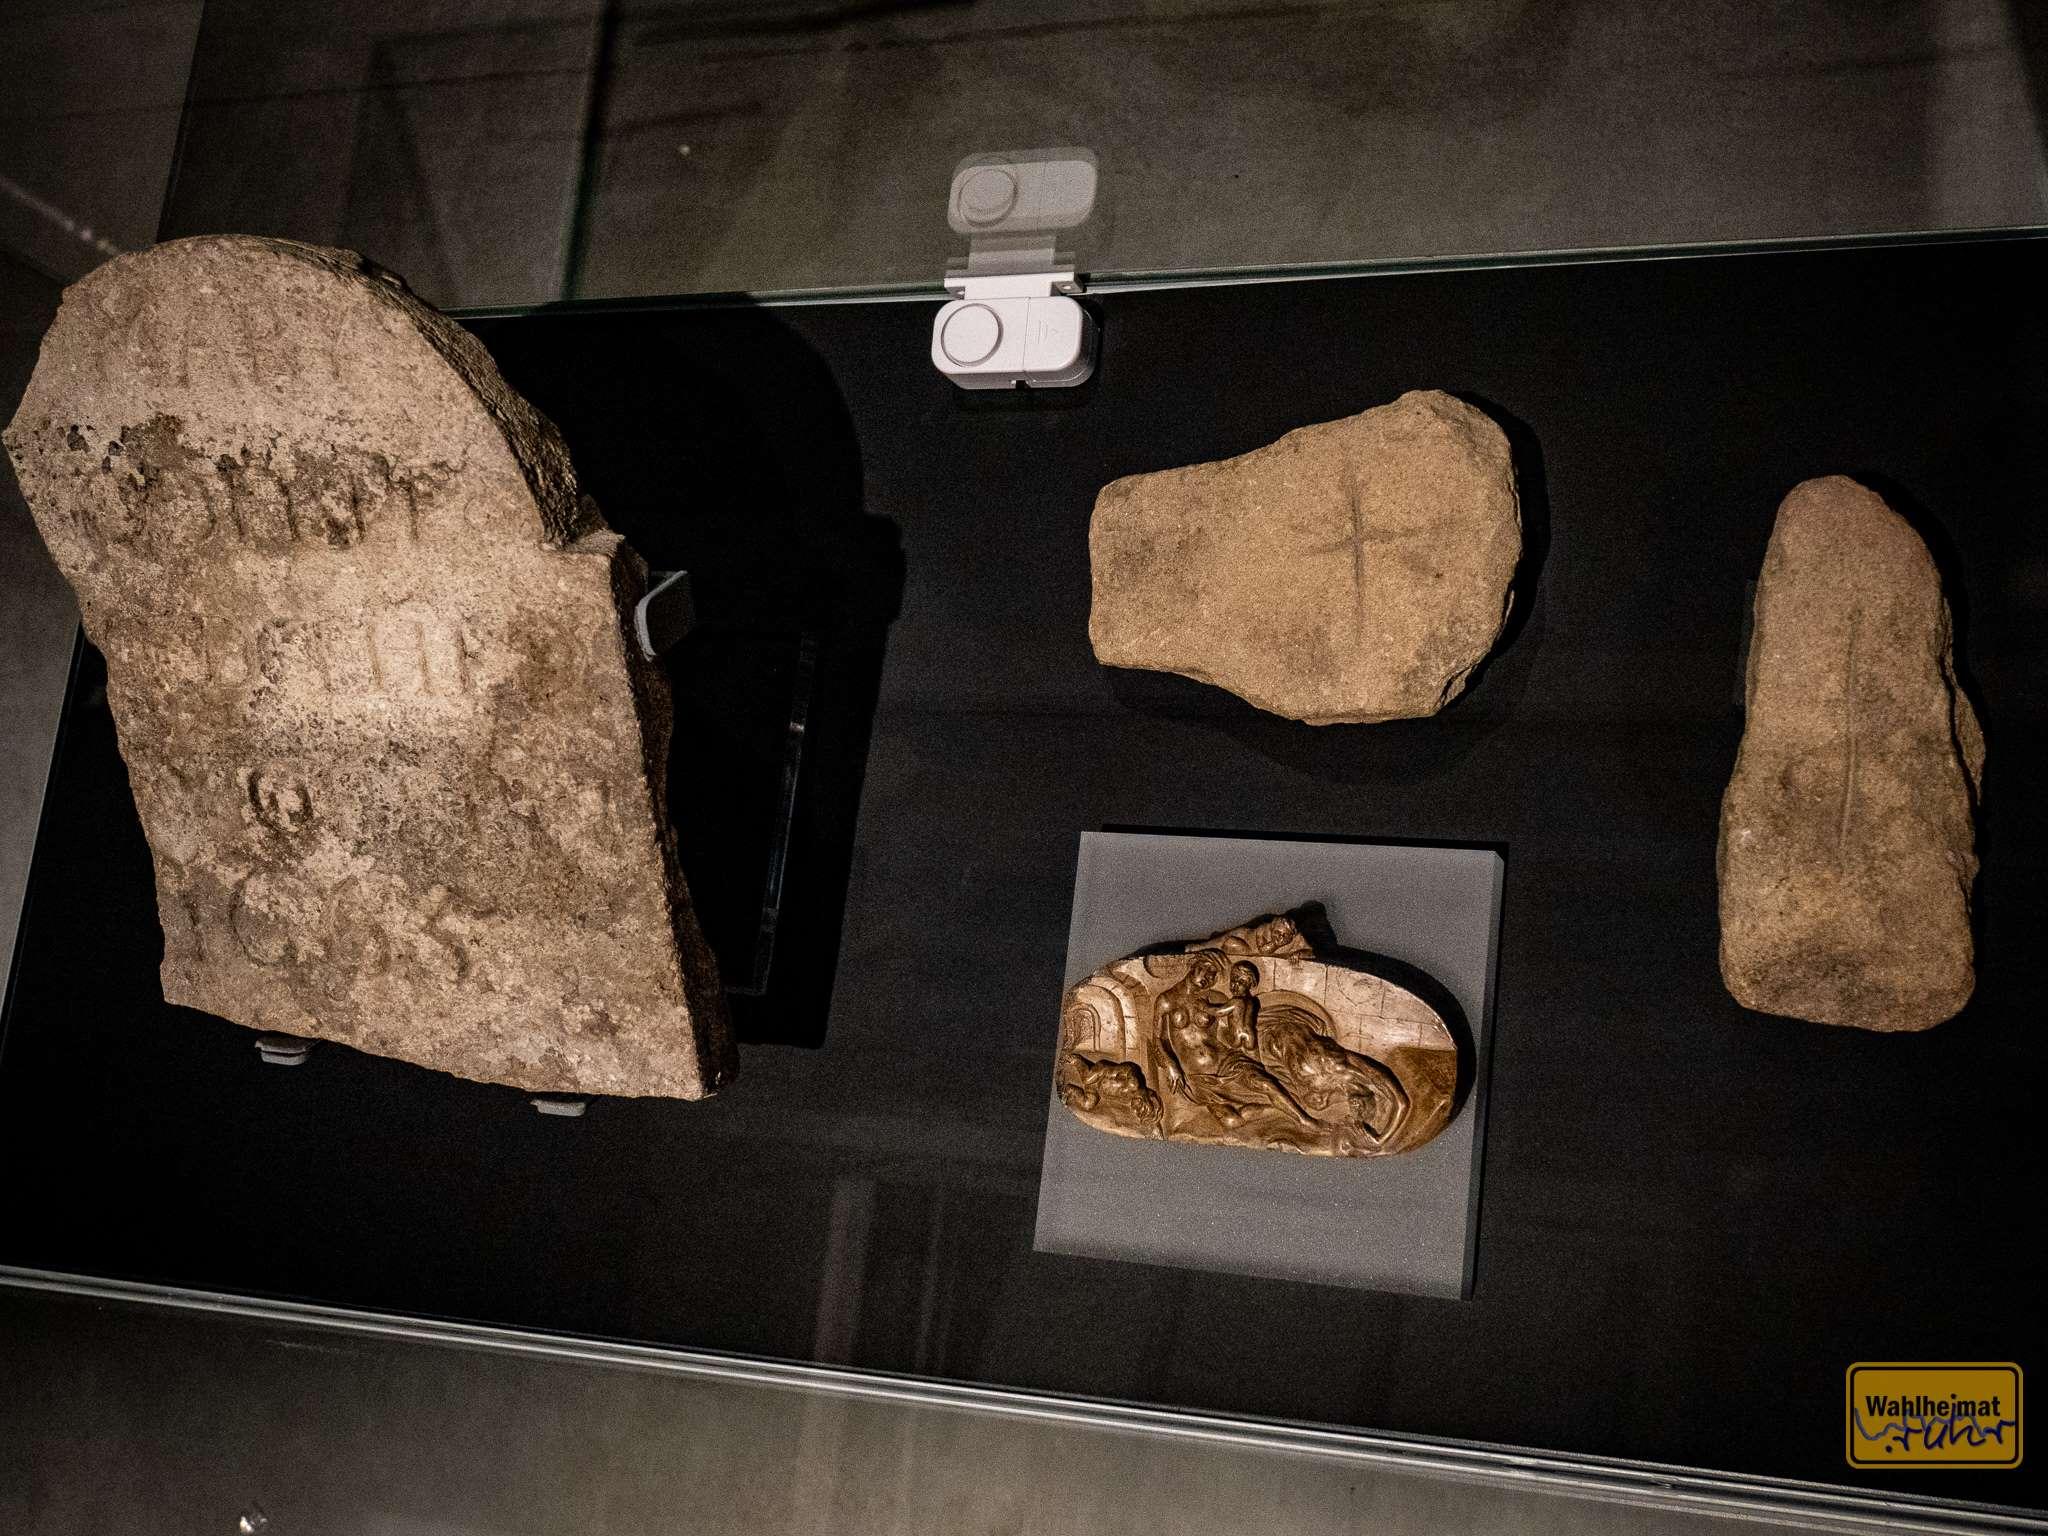 Bei so vielen Opfern wie durch die Pest werden auch Steinmetze und Zeit bis zur Bestattung knapp: Not-Grabsteine erinnern an den starken Bevölkerungsschwund zu Zeiten der Pest.